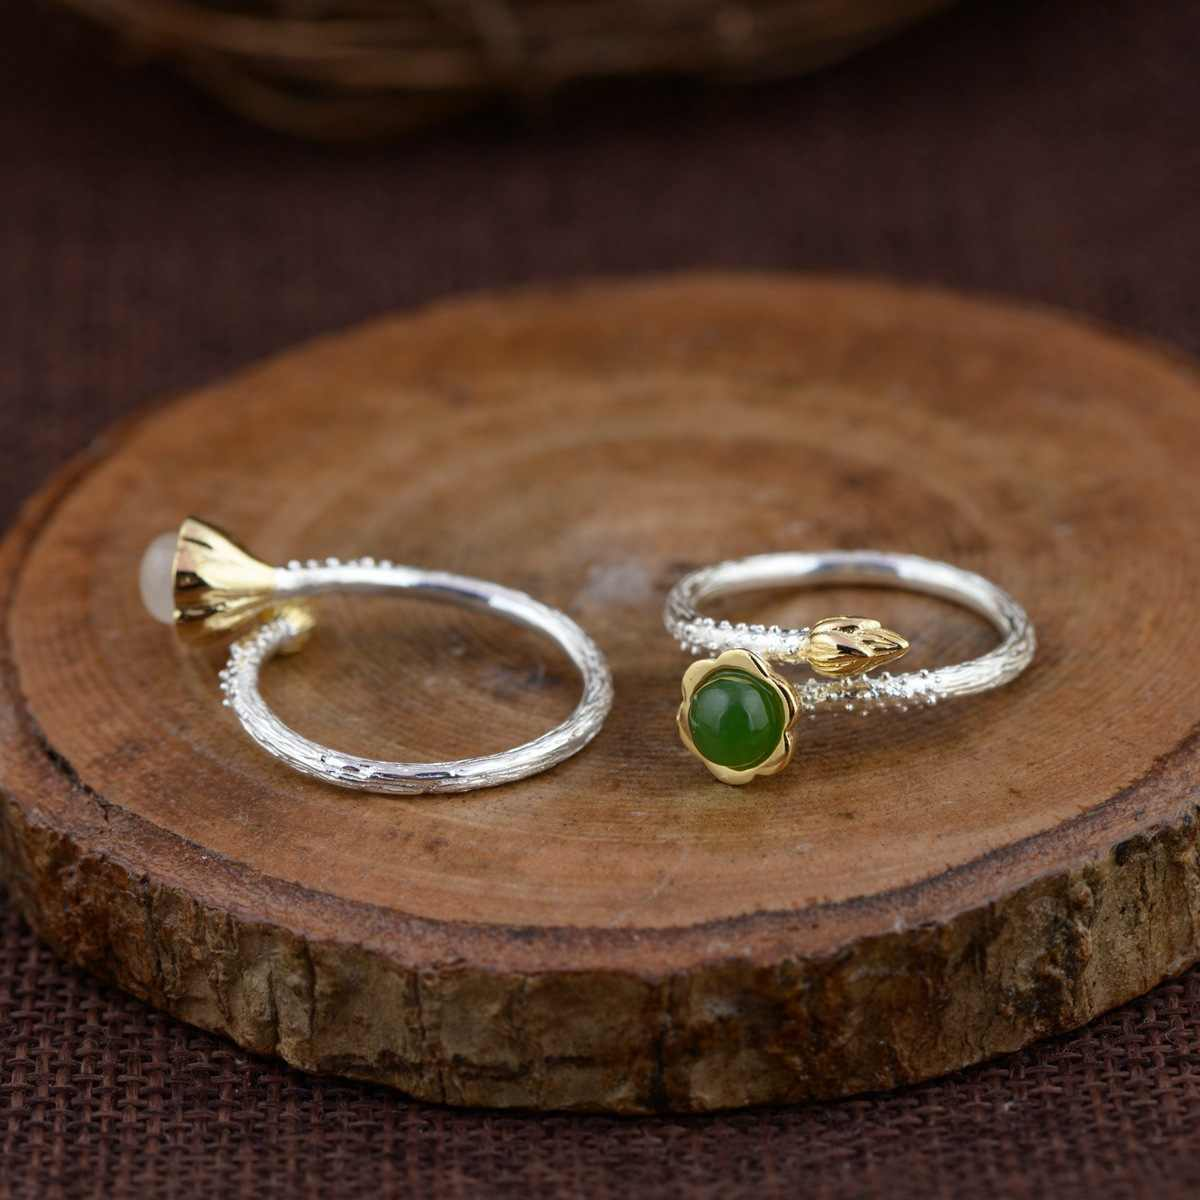 GQTORCH Vintage แหวนเงิน 925 ฝังสีขาวสีเขียวหยกหินธรรมชาติ 18 พันทองชุบดอกไม้น่ารักปรับแหวนสำหรับผู้หญิง